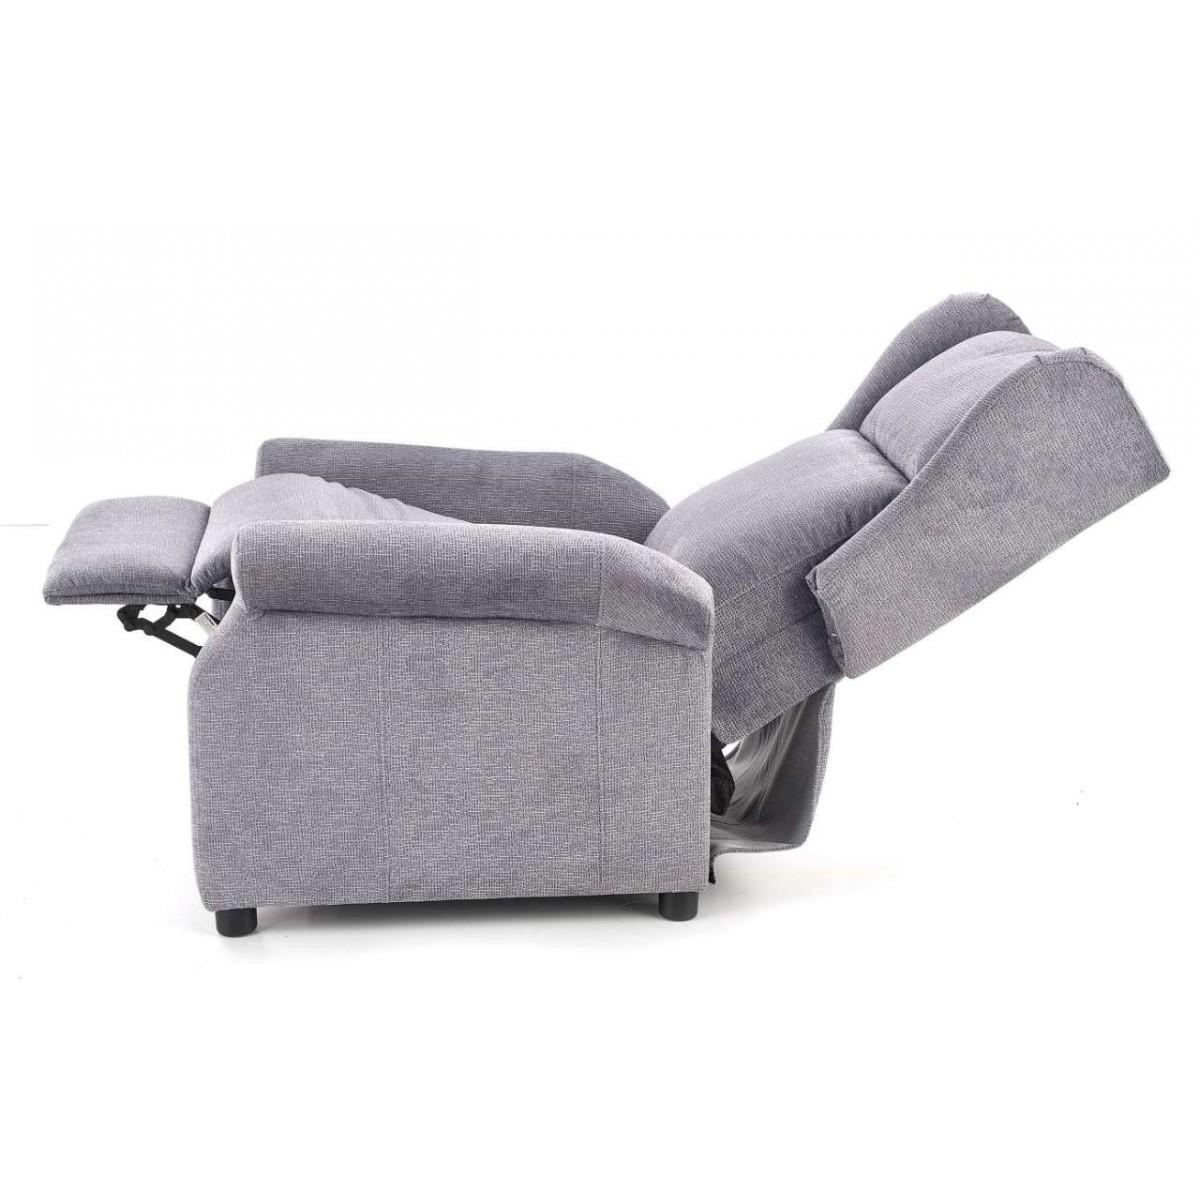 Agustin popielaty fotel rozkładany relax